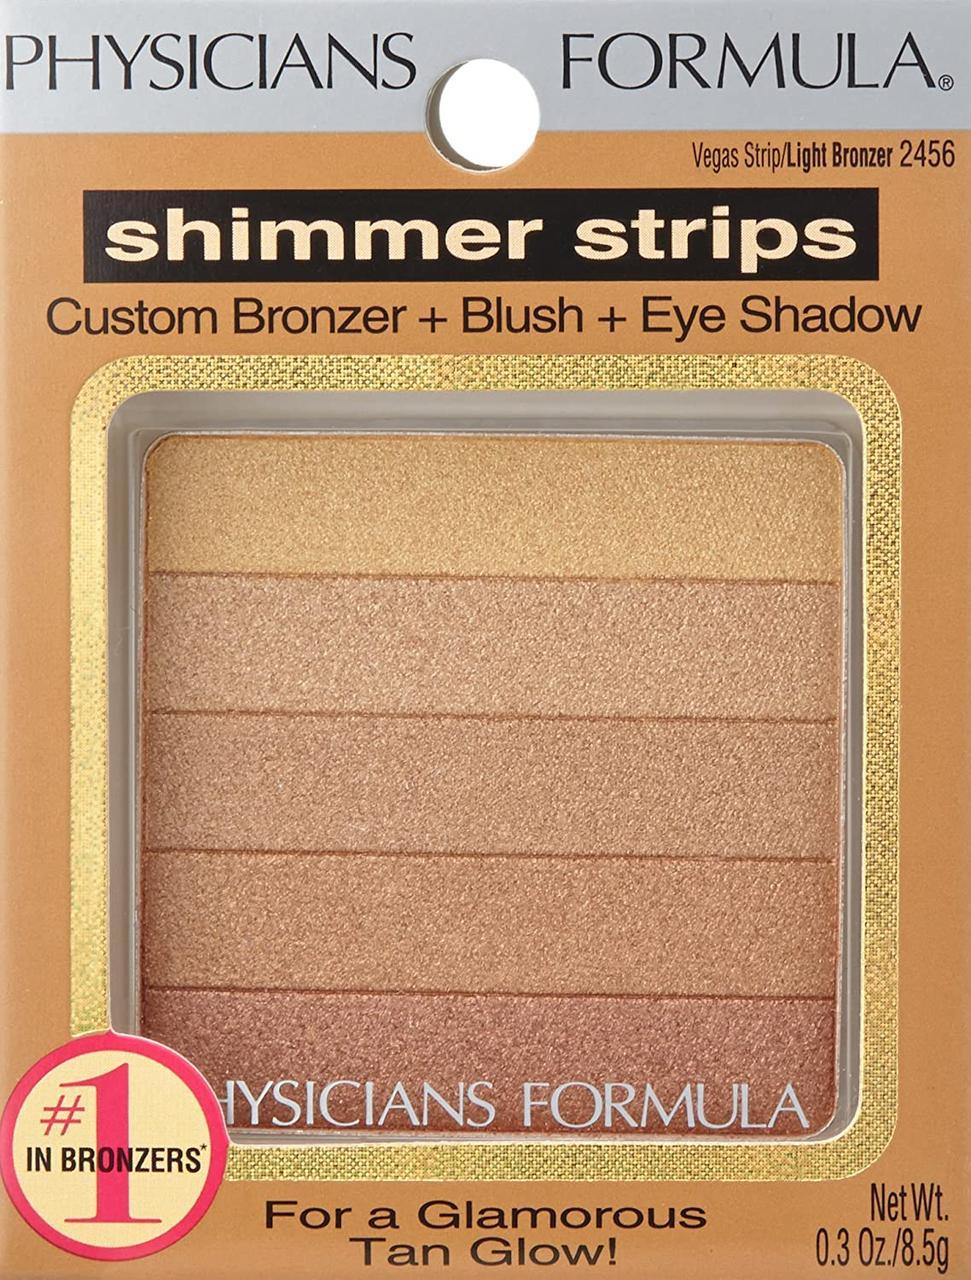 Бронзер-тени Physician's Formula Shimmer Strips Custom Bronzer Blush Vegas Strip Light Bronzer